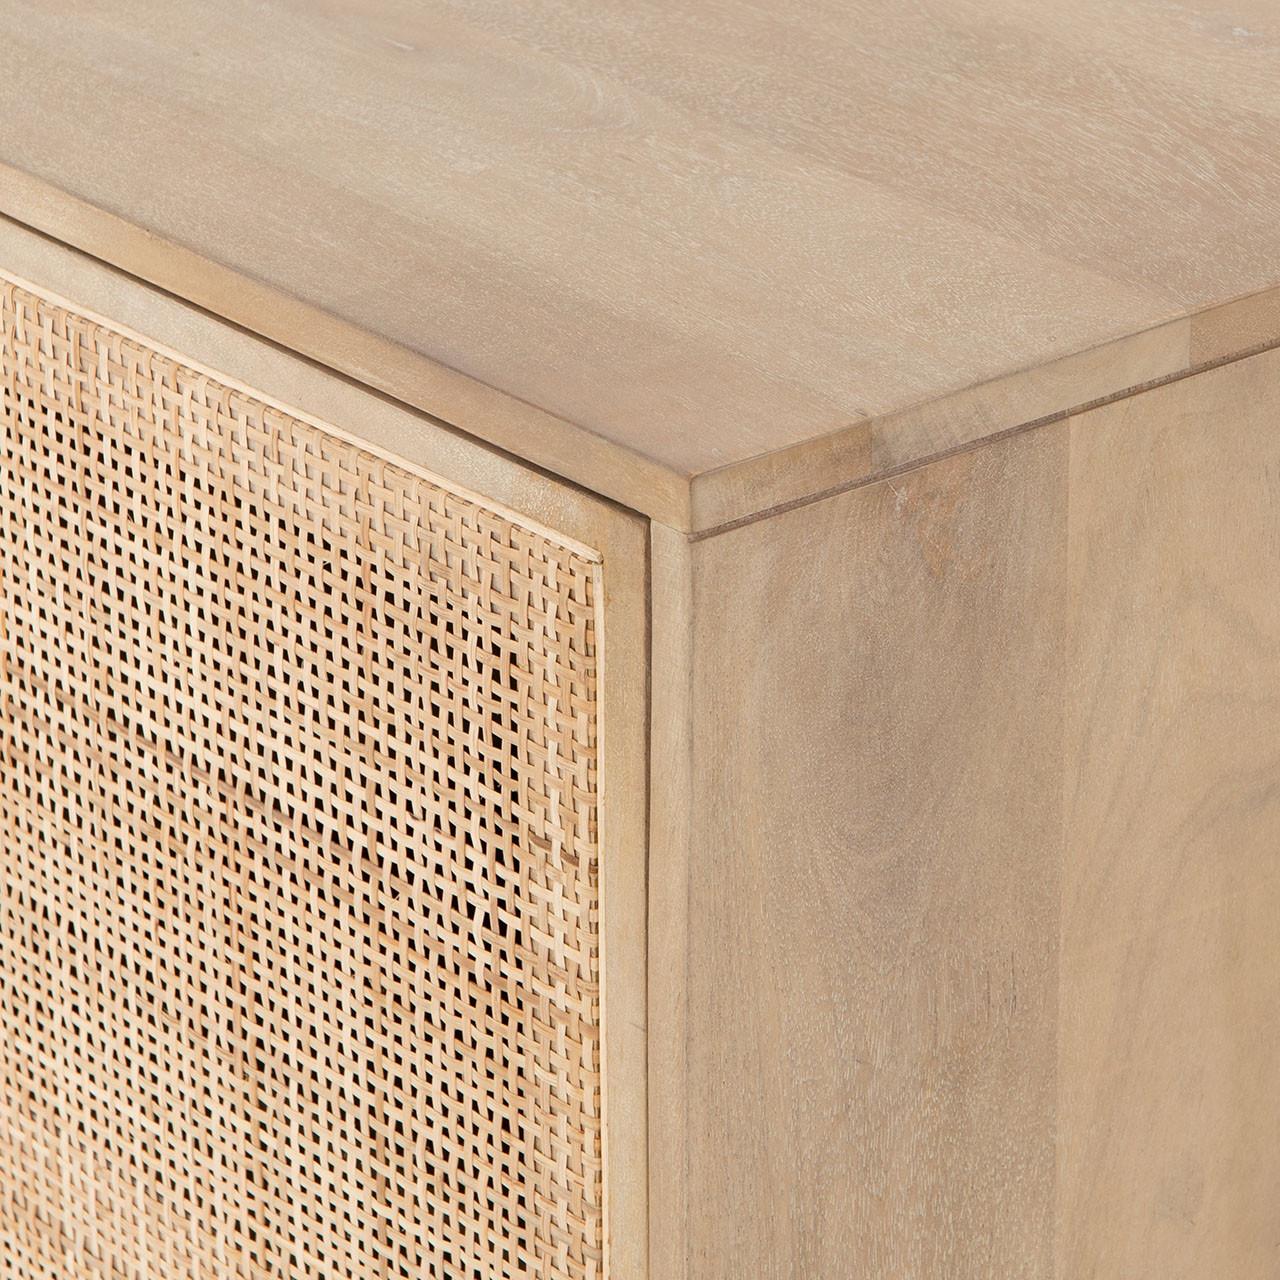 Bondi Small Storage Cabinet